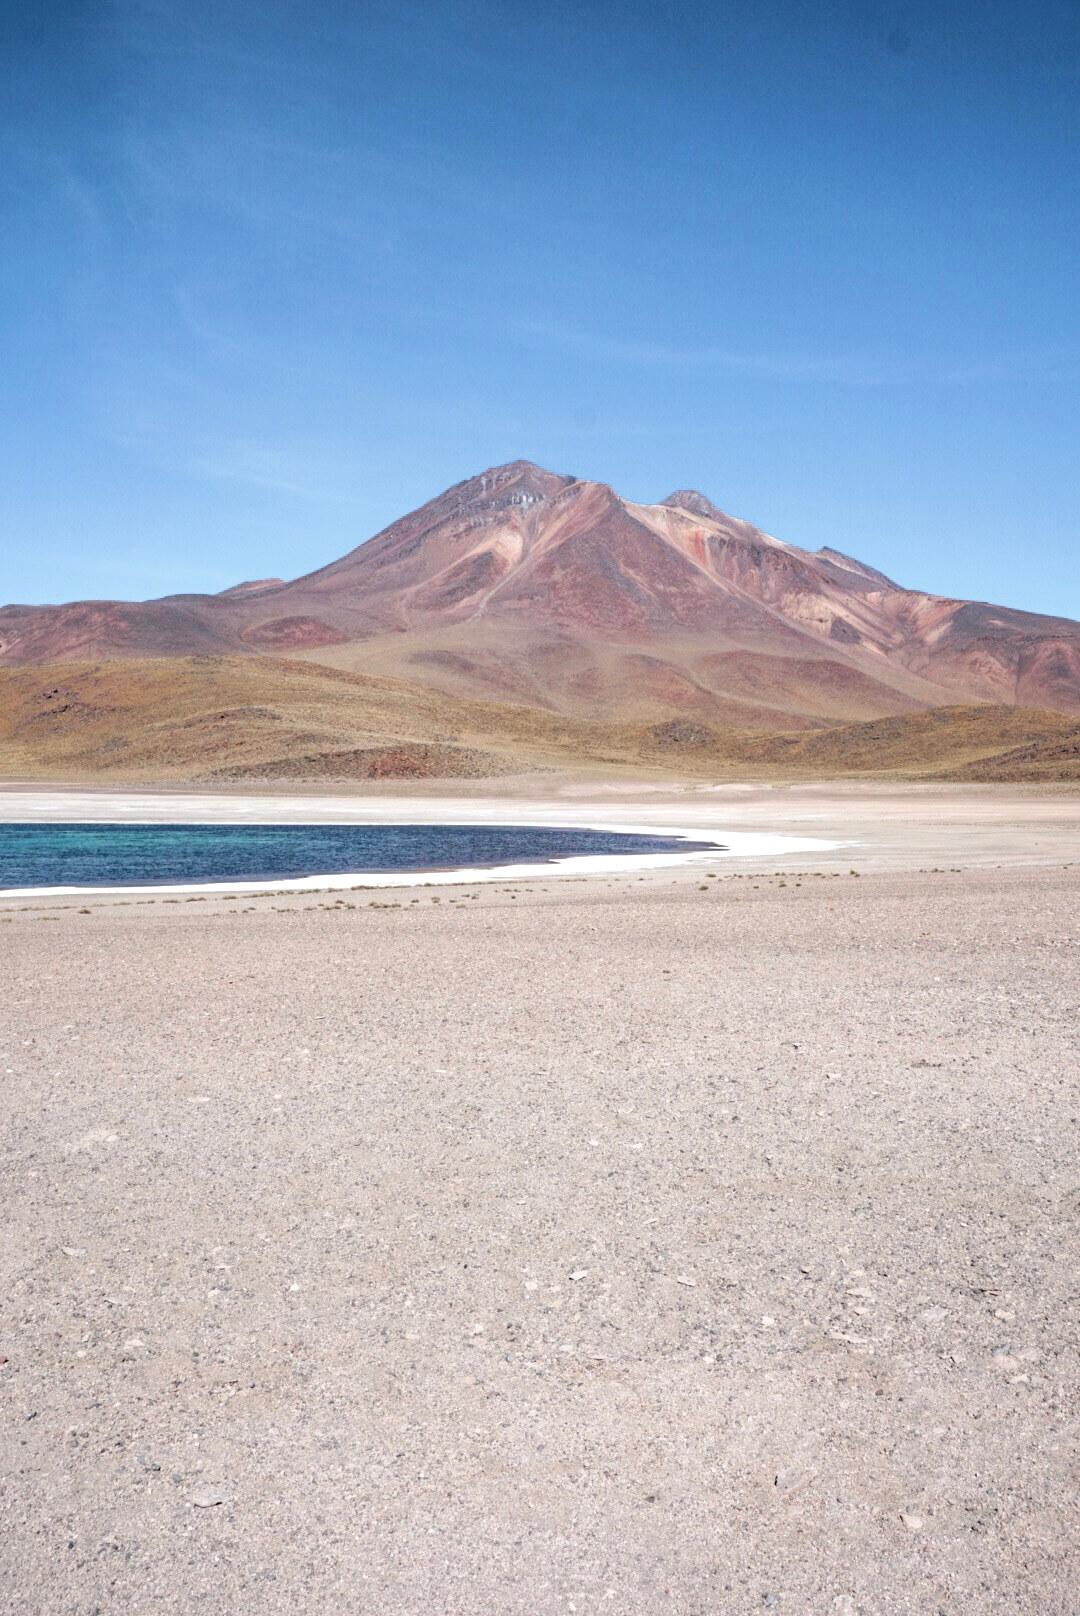 faire excursion lagune altiplano au chili voyage